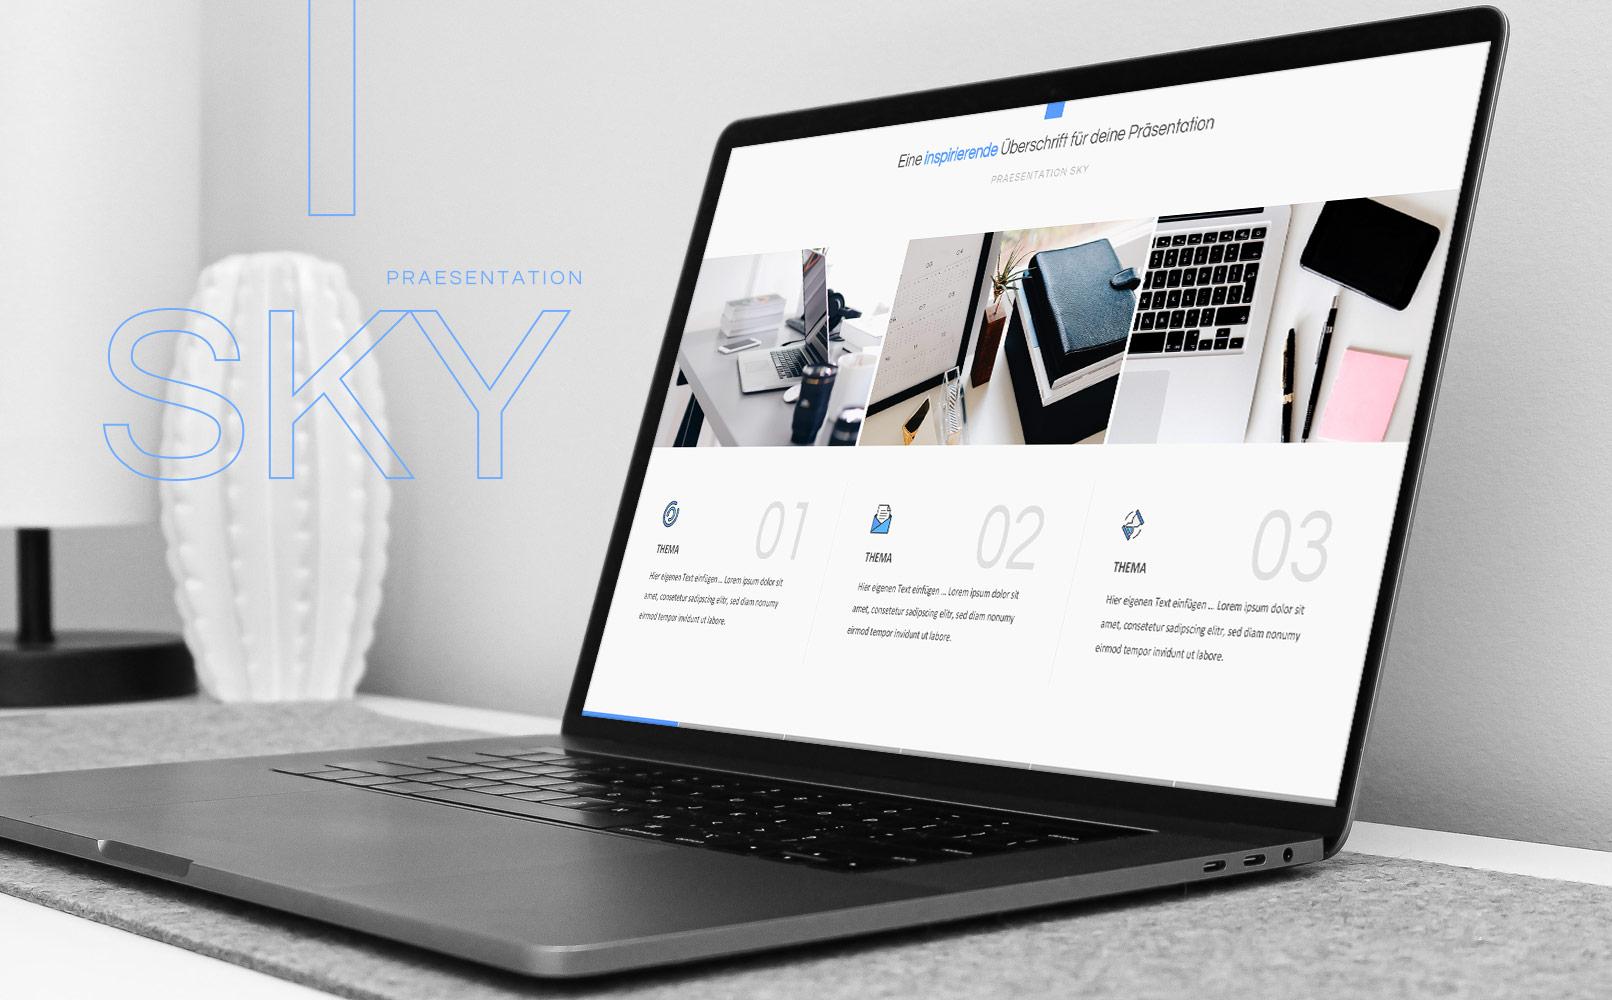 PowerPoint Design-Vorlage Sky, Beispielfolie auf einem Laptop